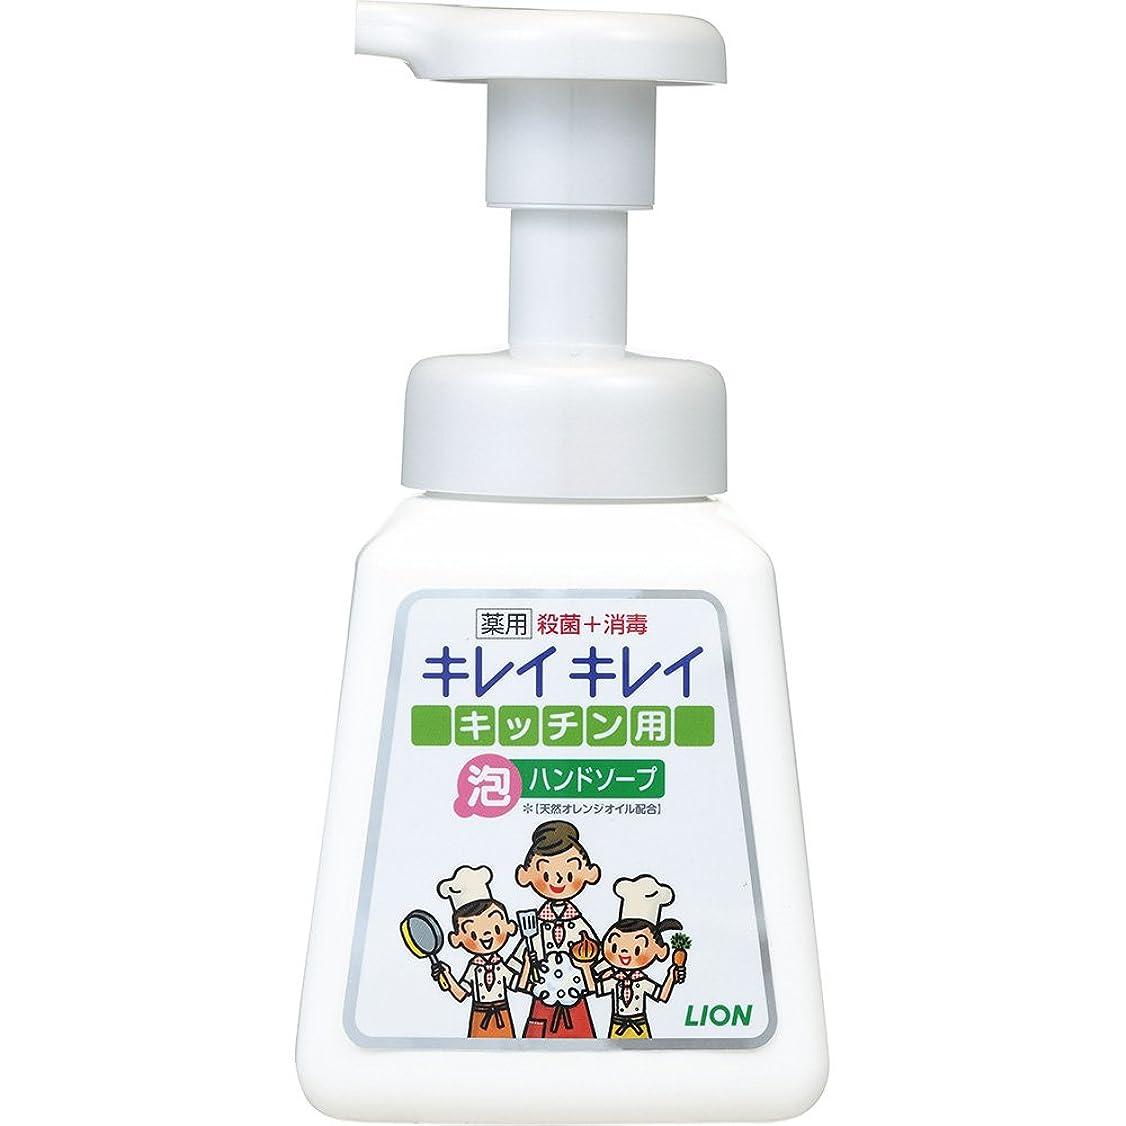 セッション気をつけて取り除くキレイキレイ 薬用 キッチン泡ハンドソープ 本体ポンプ 230ml(医薬部外品)